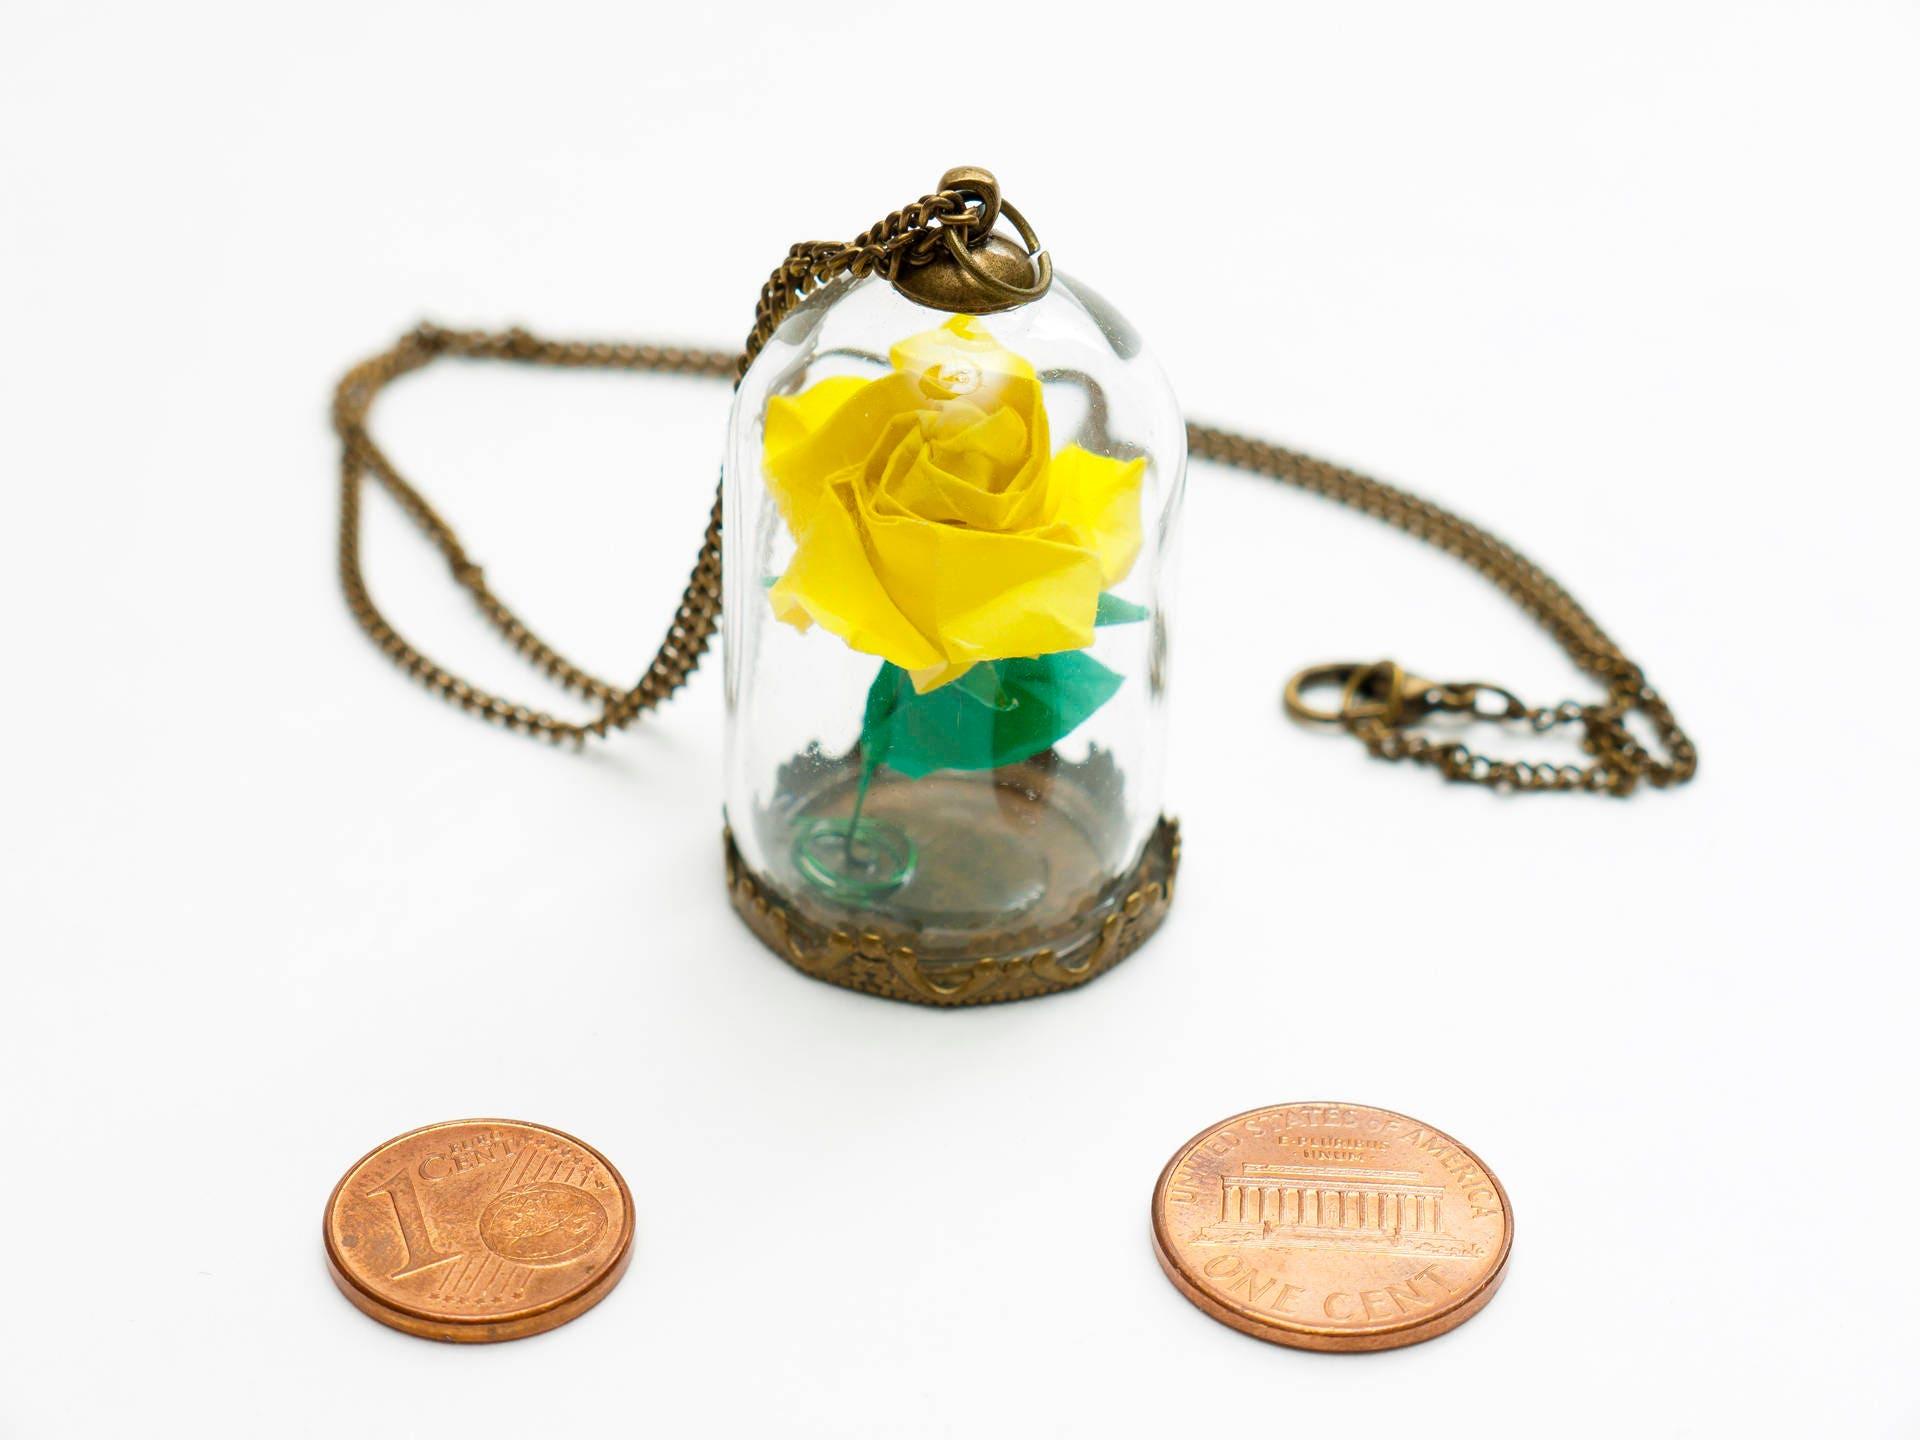 rose ternelle jaune sous cloche de verre en collier etsy. Black Bedroom Furniture Sets. Home Design Ideas